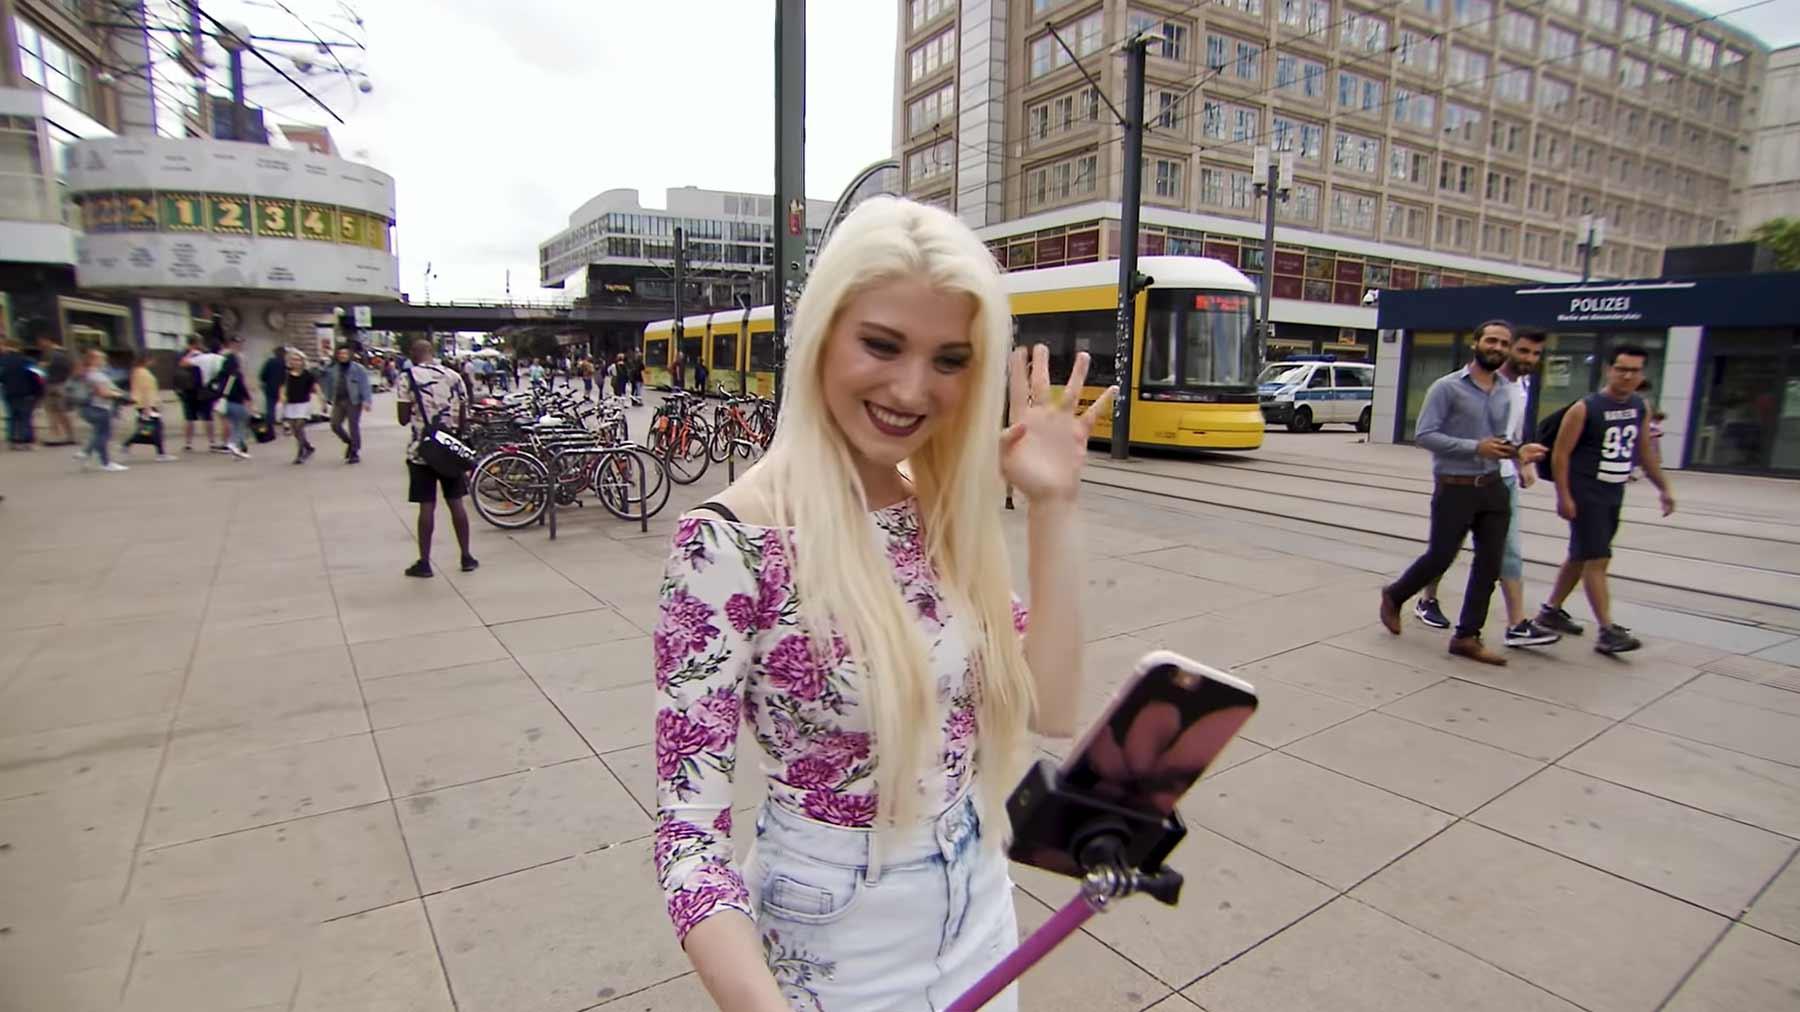 Die ewig währende Suche nach dem perfekten Selfie